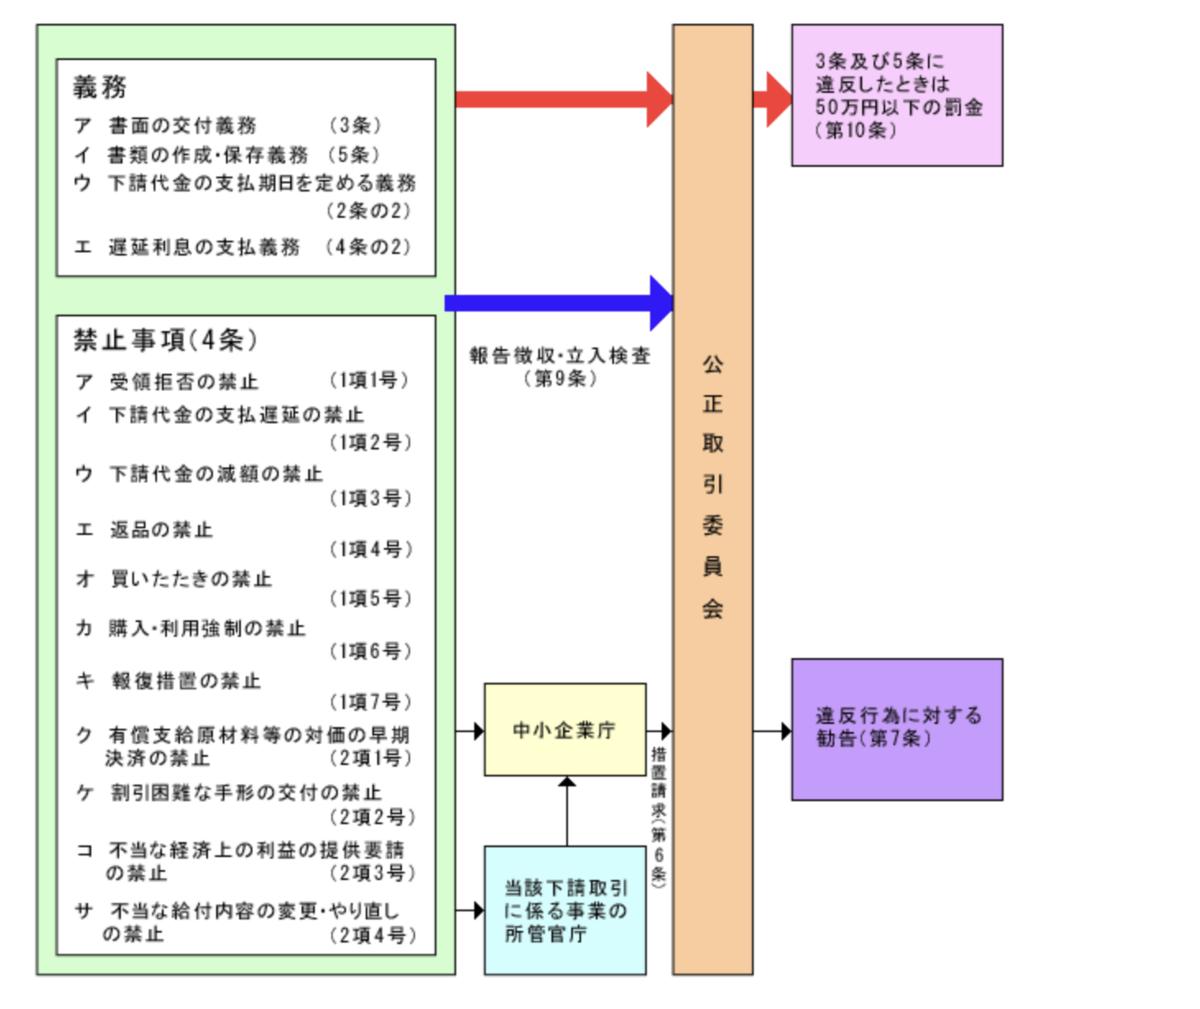 f:id:itotanu:20200801211502p:plain